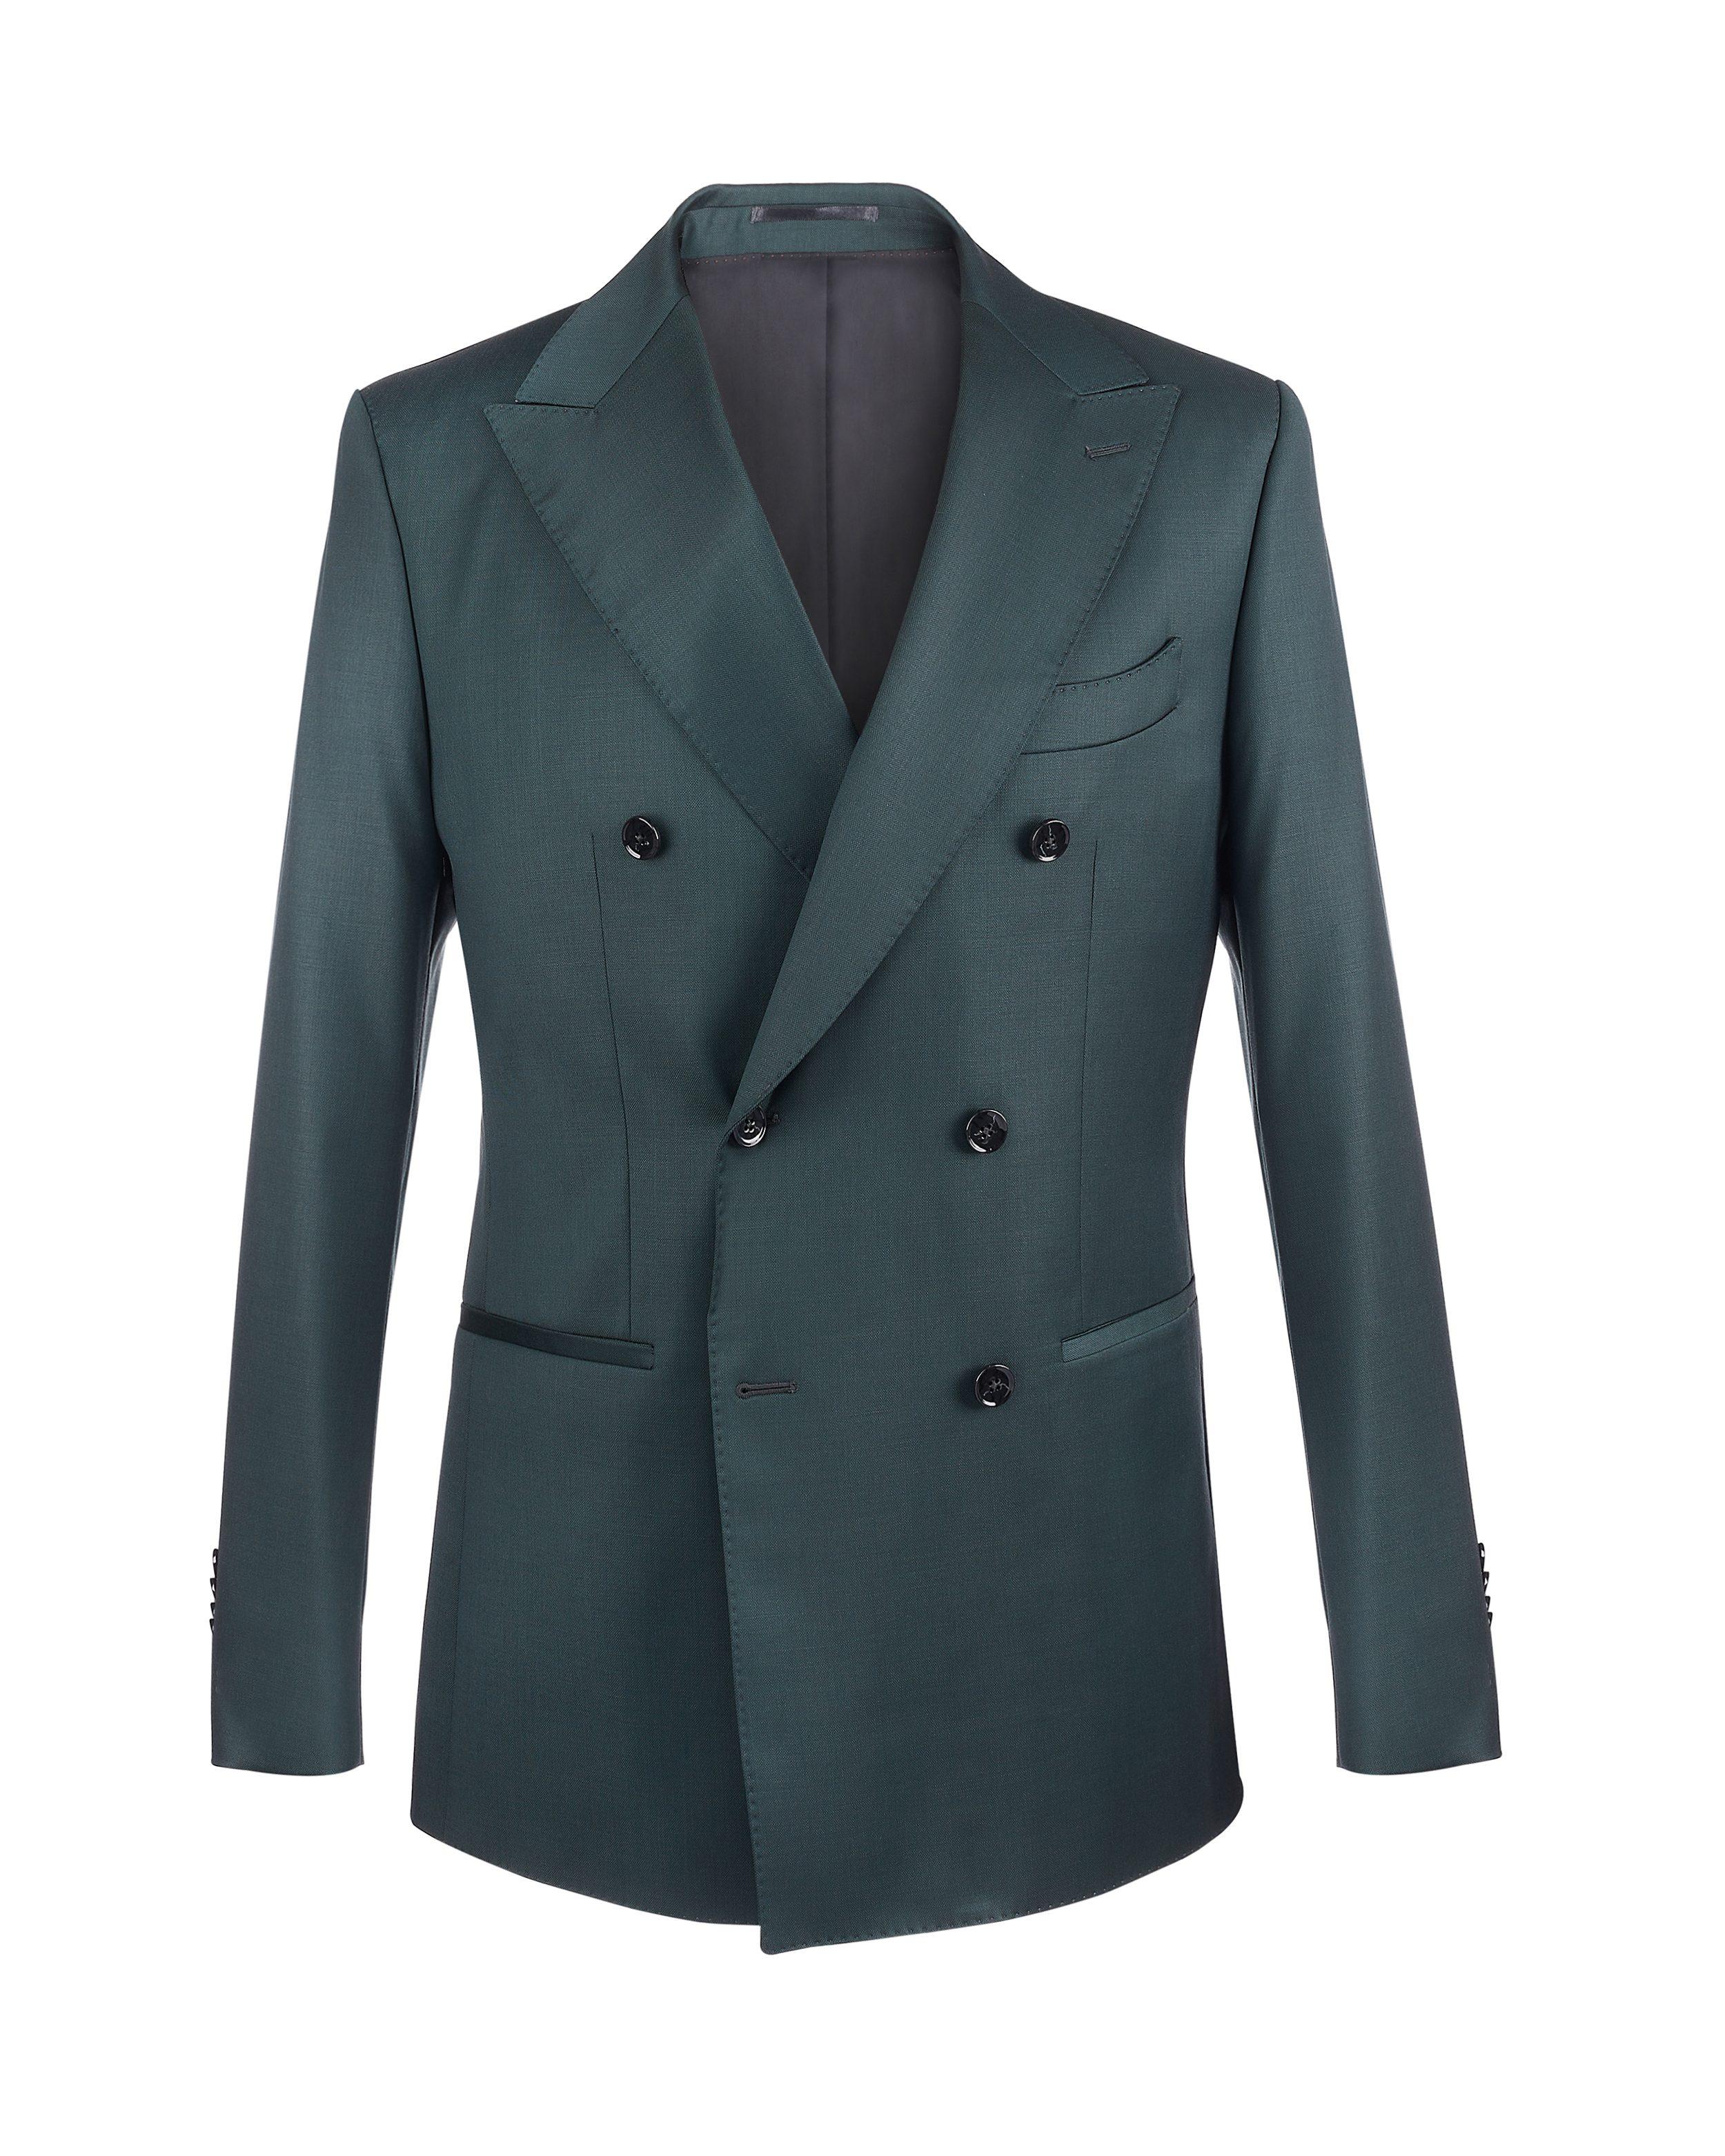 Costum-Barbati-Double-Breasted-Verde-Olive-Magazin-Costume-Barbati-Cluj-Napoca-Gentlemens-Boutique-Gold-Soporului-8-Sacou-